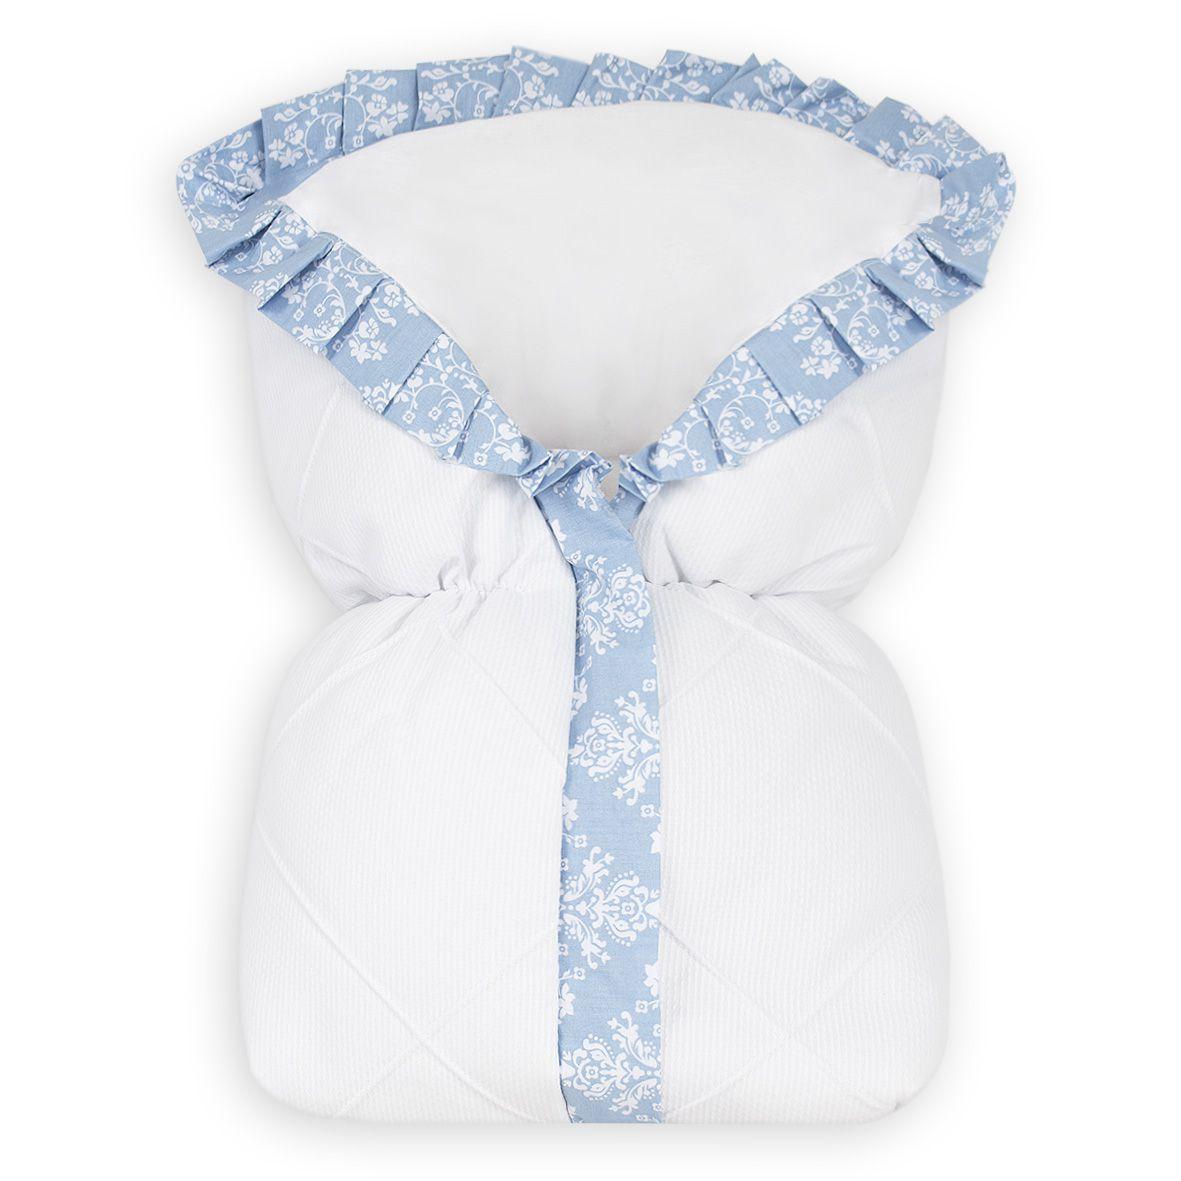 Saco de Bebê 100% Alg. - Provençal Azul